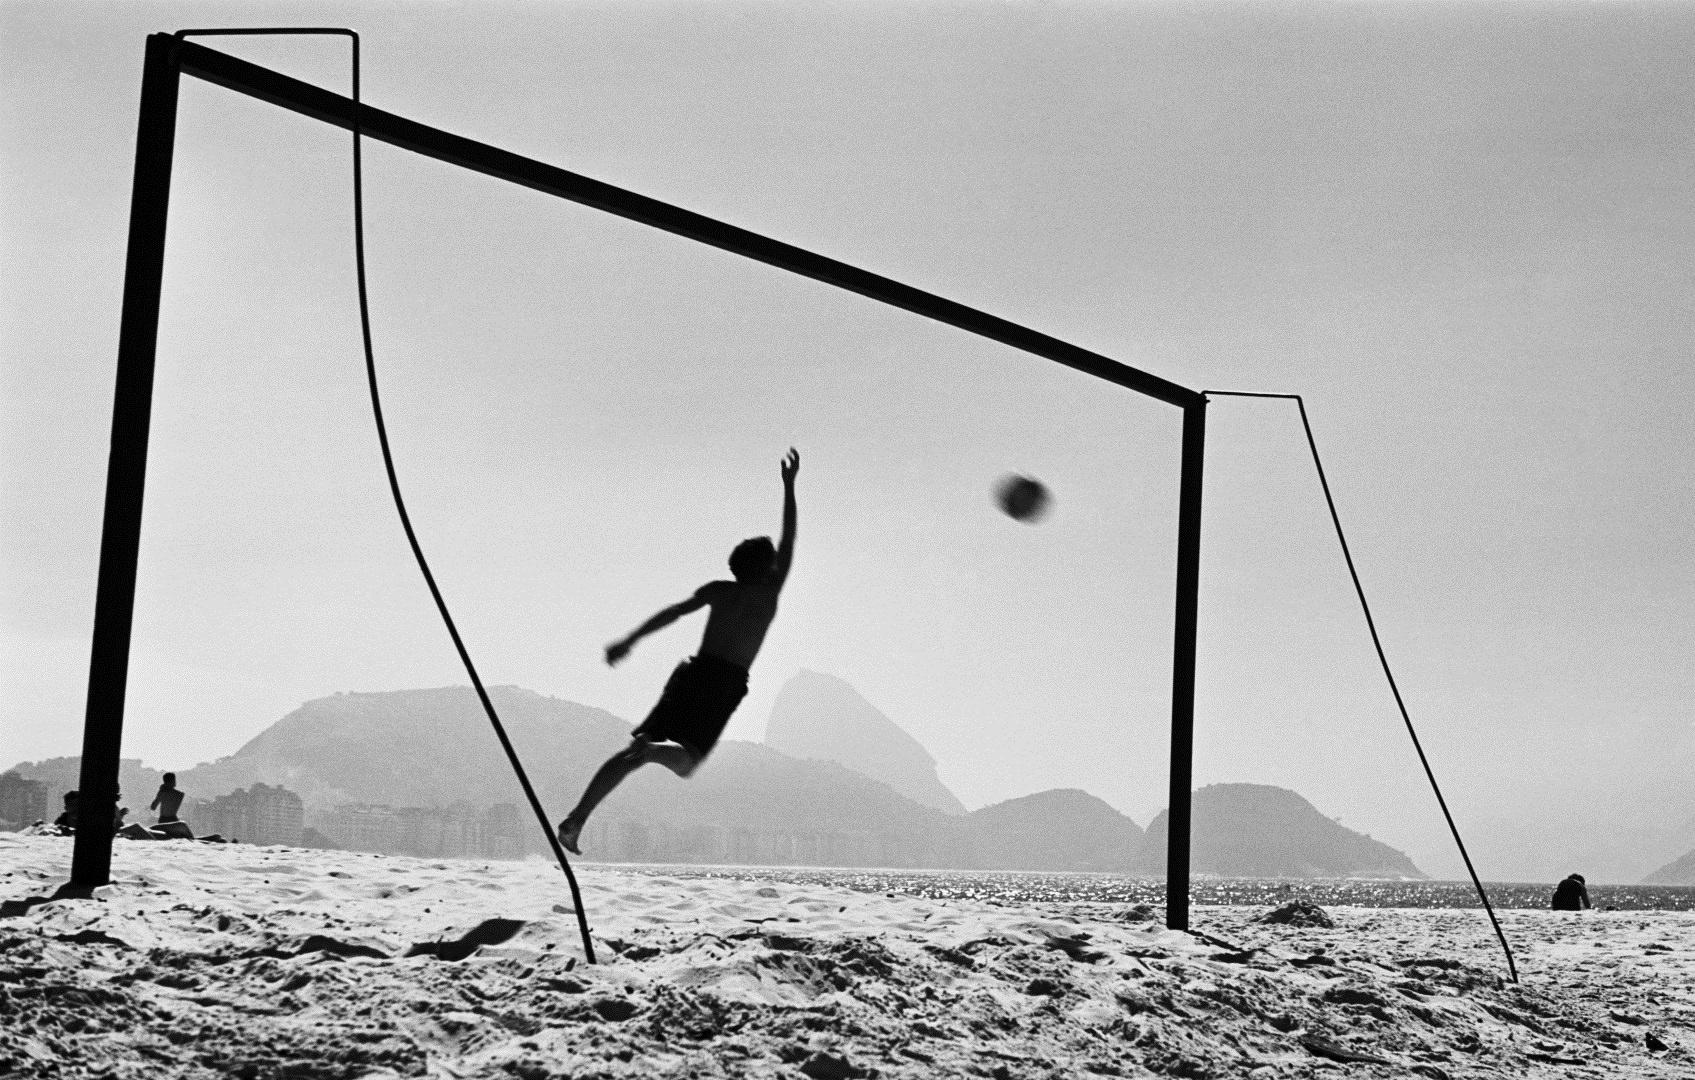 Thomaz Farkas: Copacabana strand | Copacabana beach, Rio de Janeiro, 1947 © Thomaz Farkas Estate/Instituto Moreira Salles